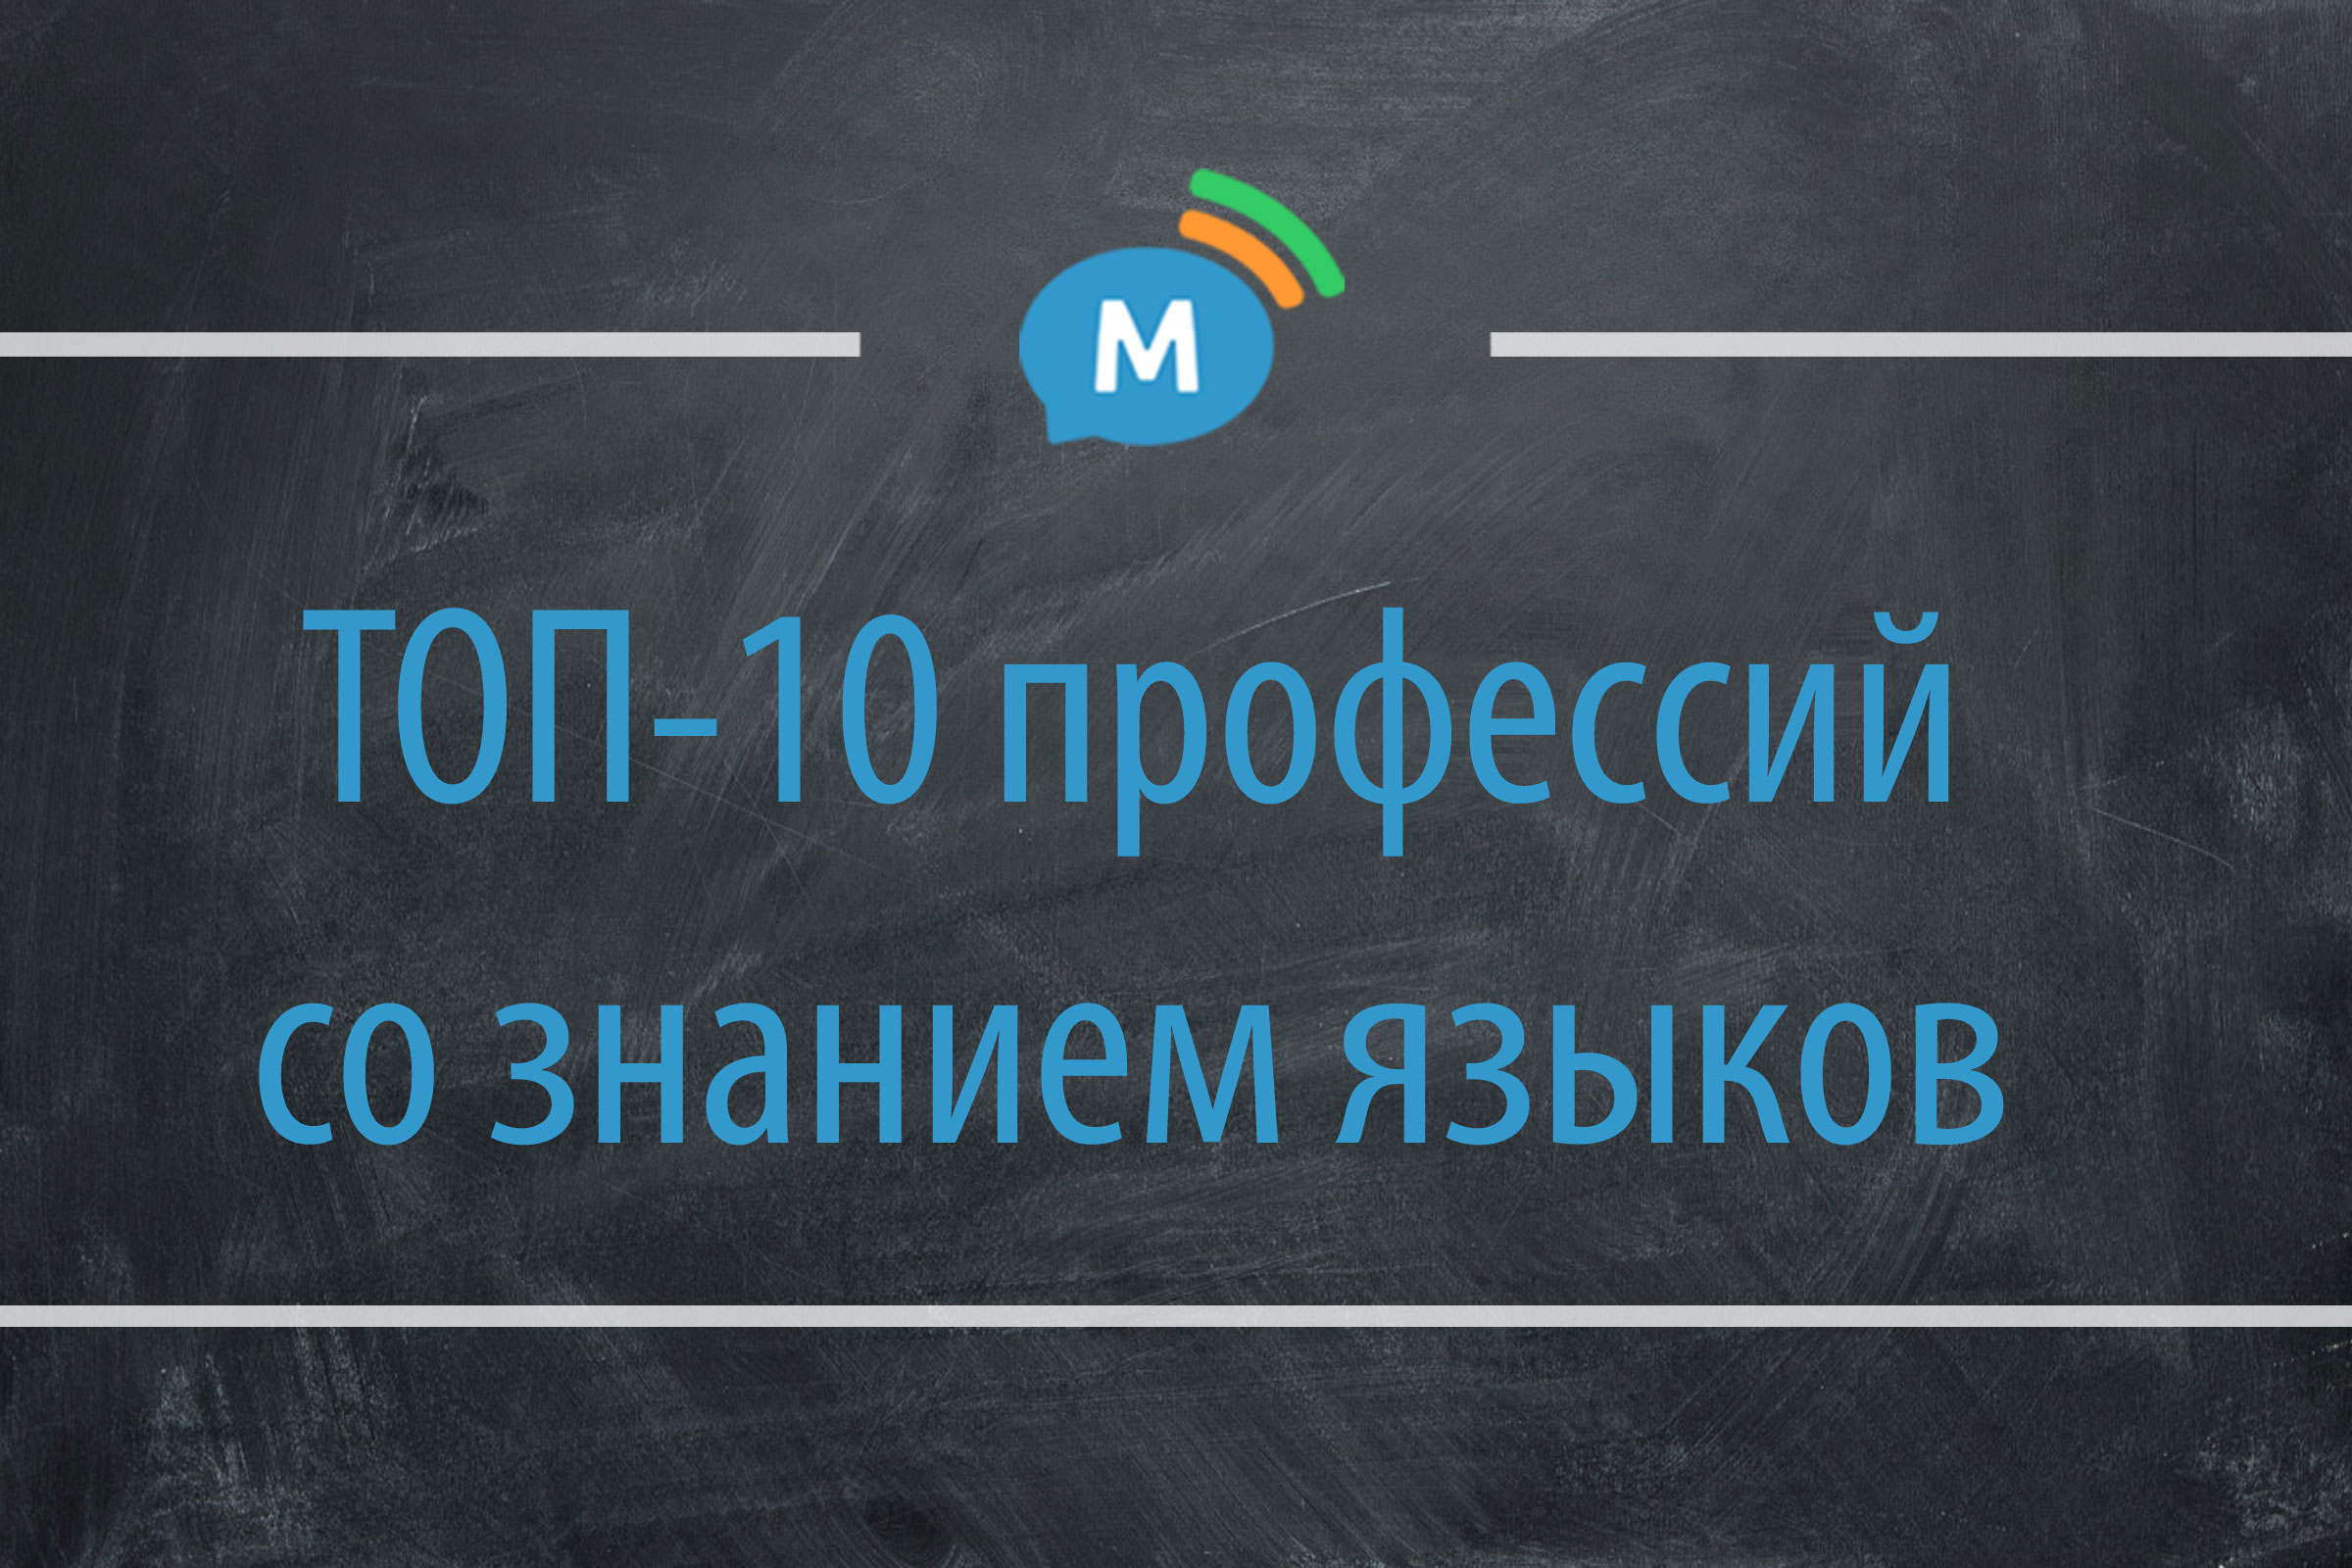 Работа для девушки с английским языком мстислава стриж веб модель